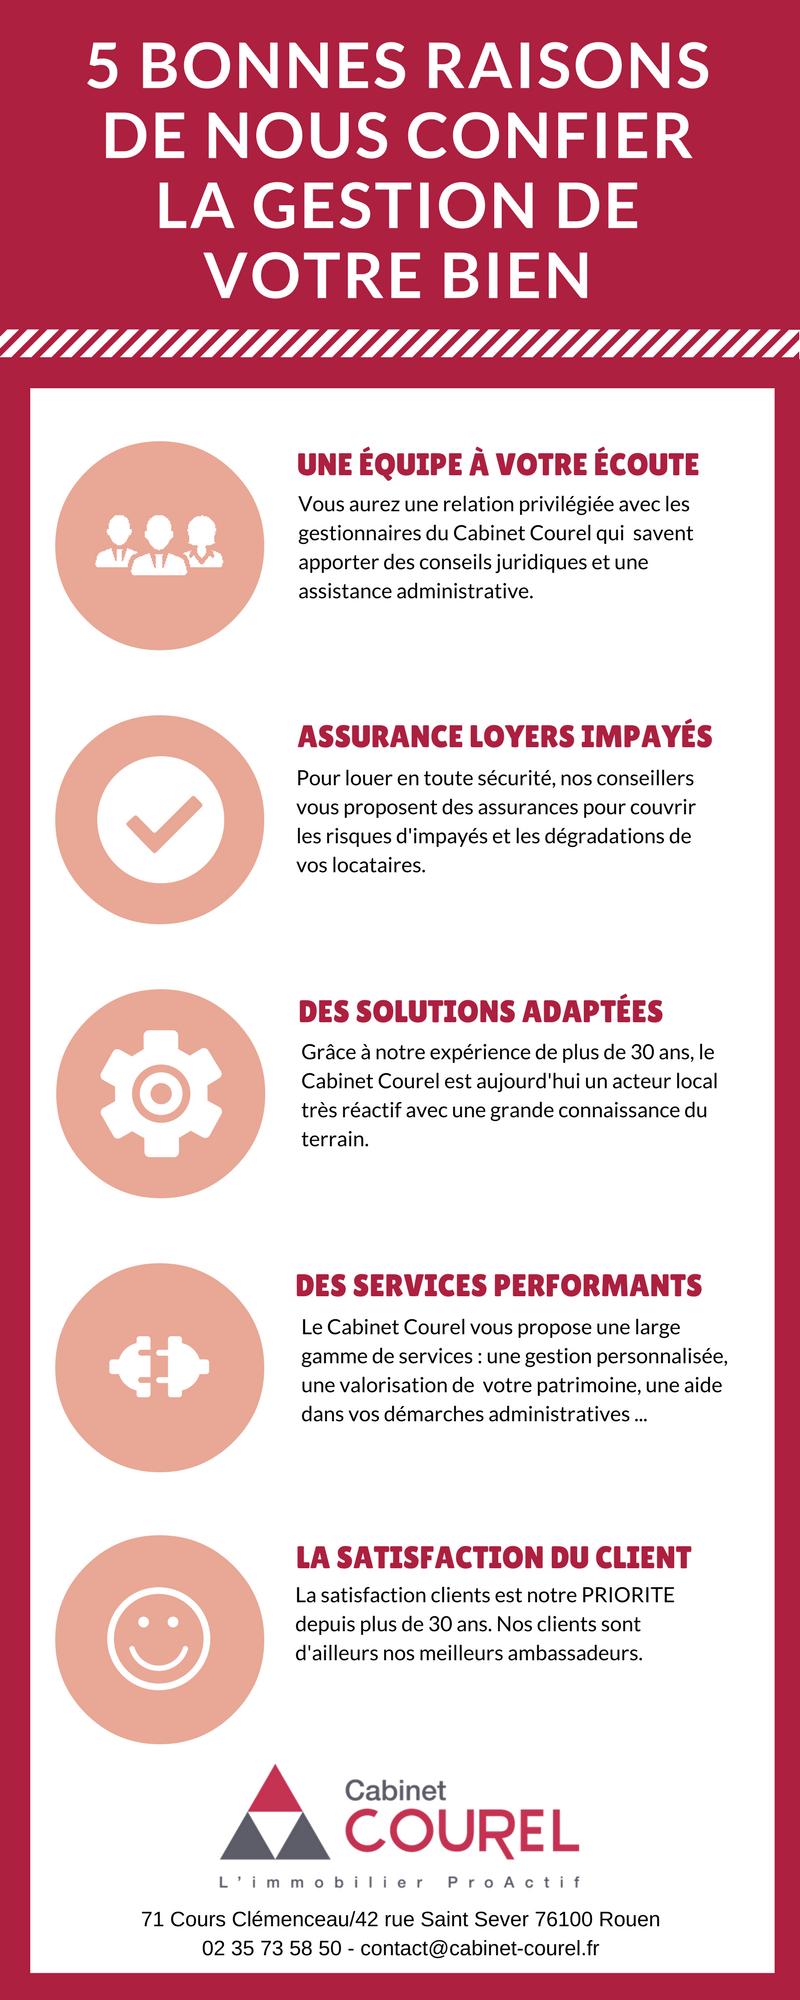 Les 5 bonnes raisons de confier la gestion de votre bien à l'agence Courel #Rouen